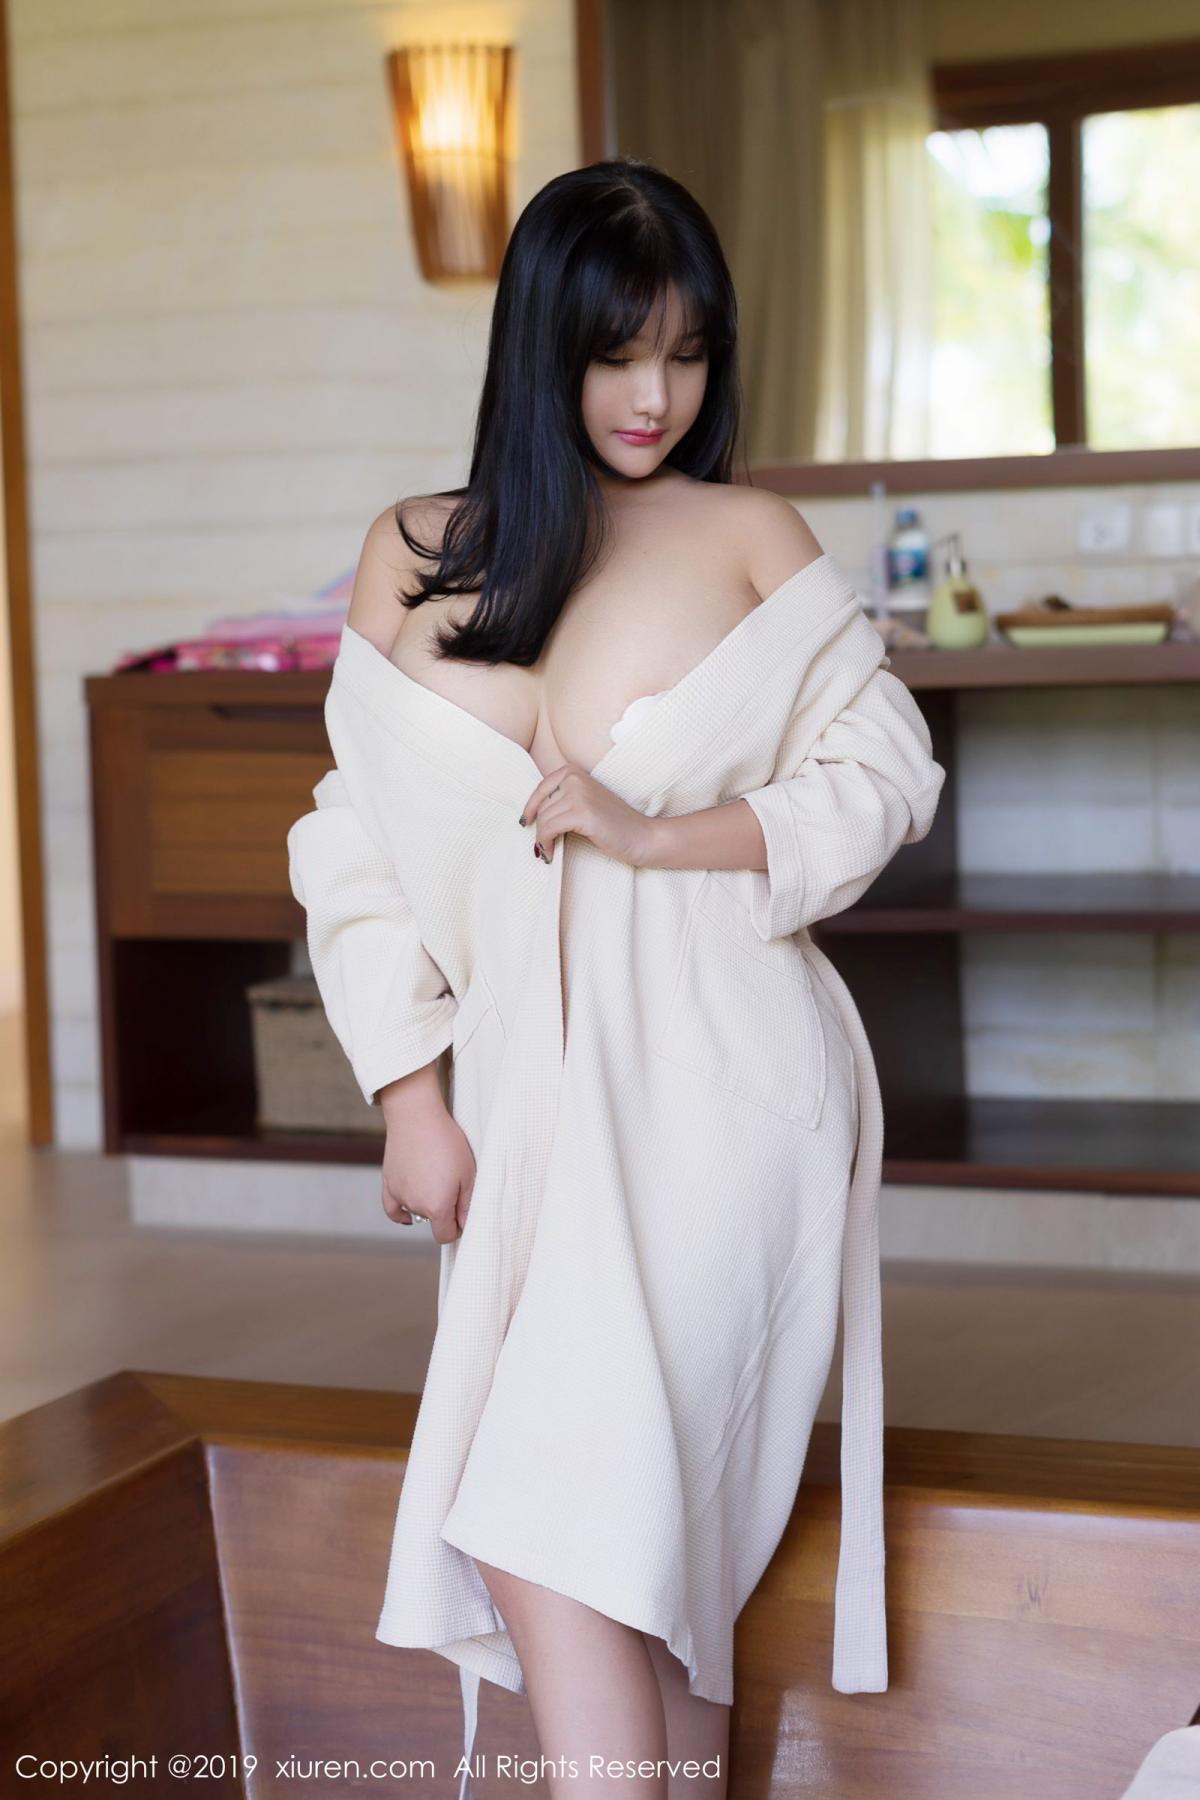 [XiuRen] Vol.1603 Lu Lu Xiao Miao 36P, Lu Lu Xiao Miao, Underwear, Xiuren